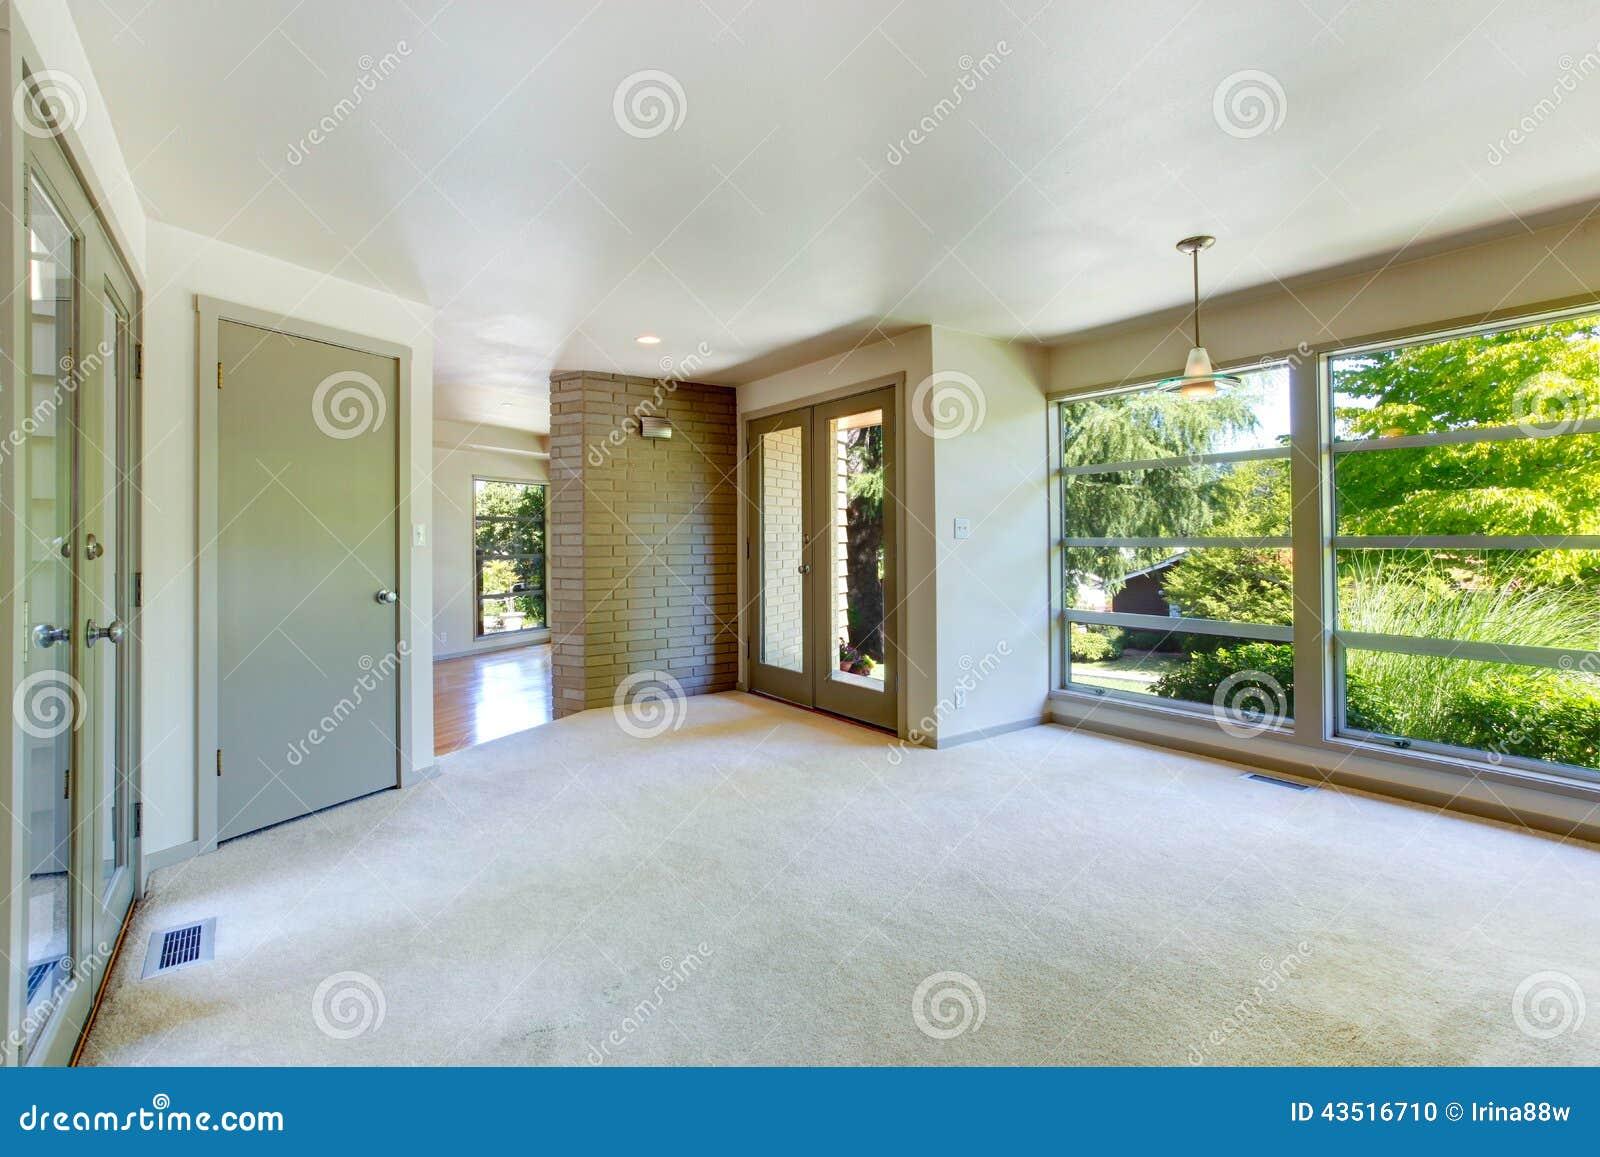 Sala De Jantar Com Parede De Vidro ~  Sala De Visitas Com Parede De Vidro Foto de Stock  Imagem 43516710